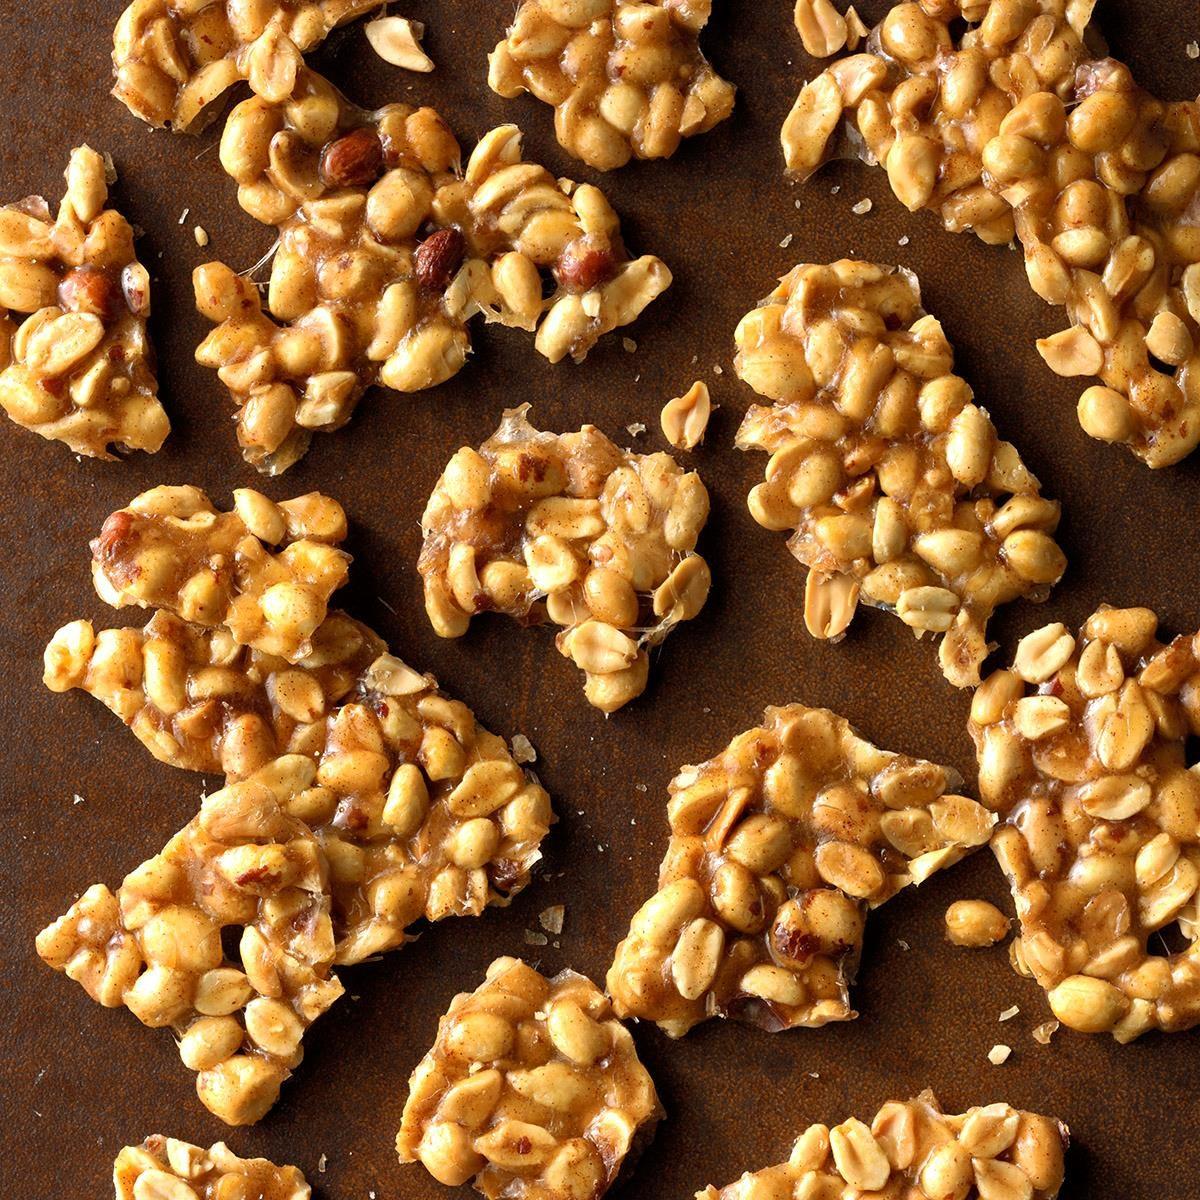 Cinnamon + Peanut